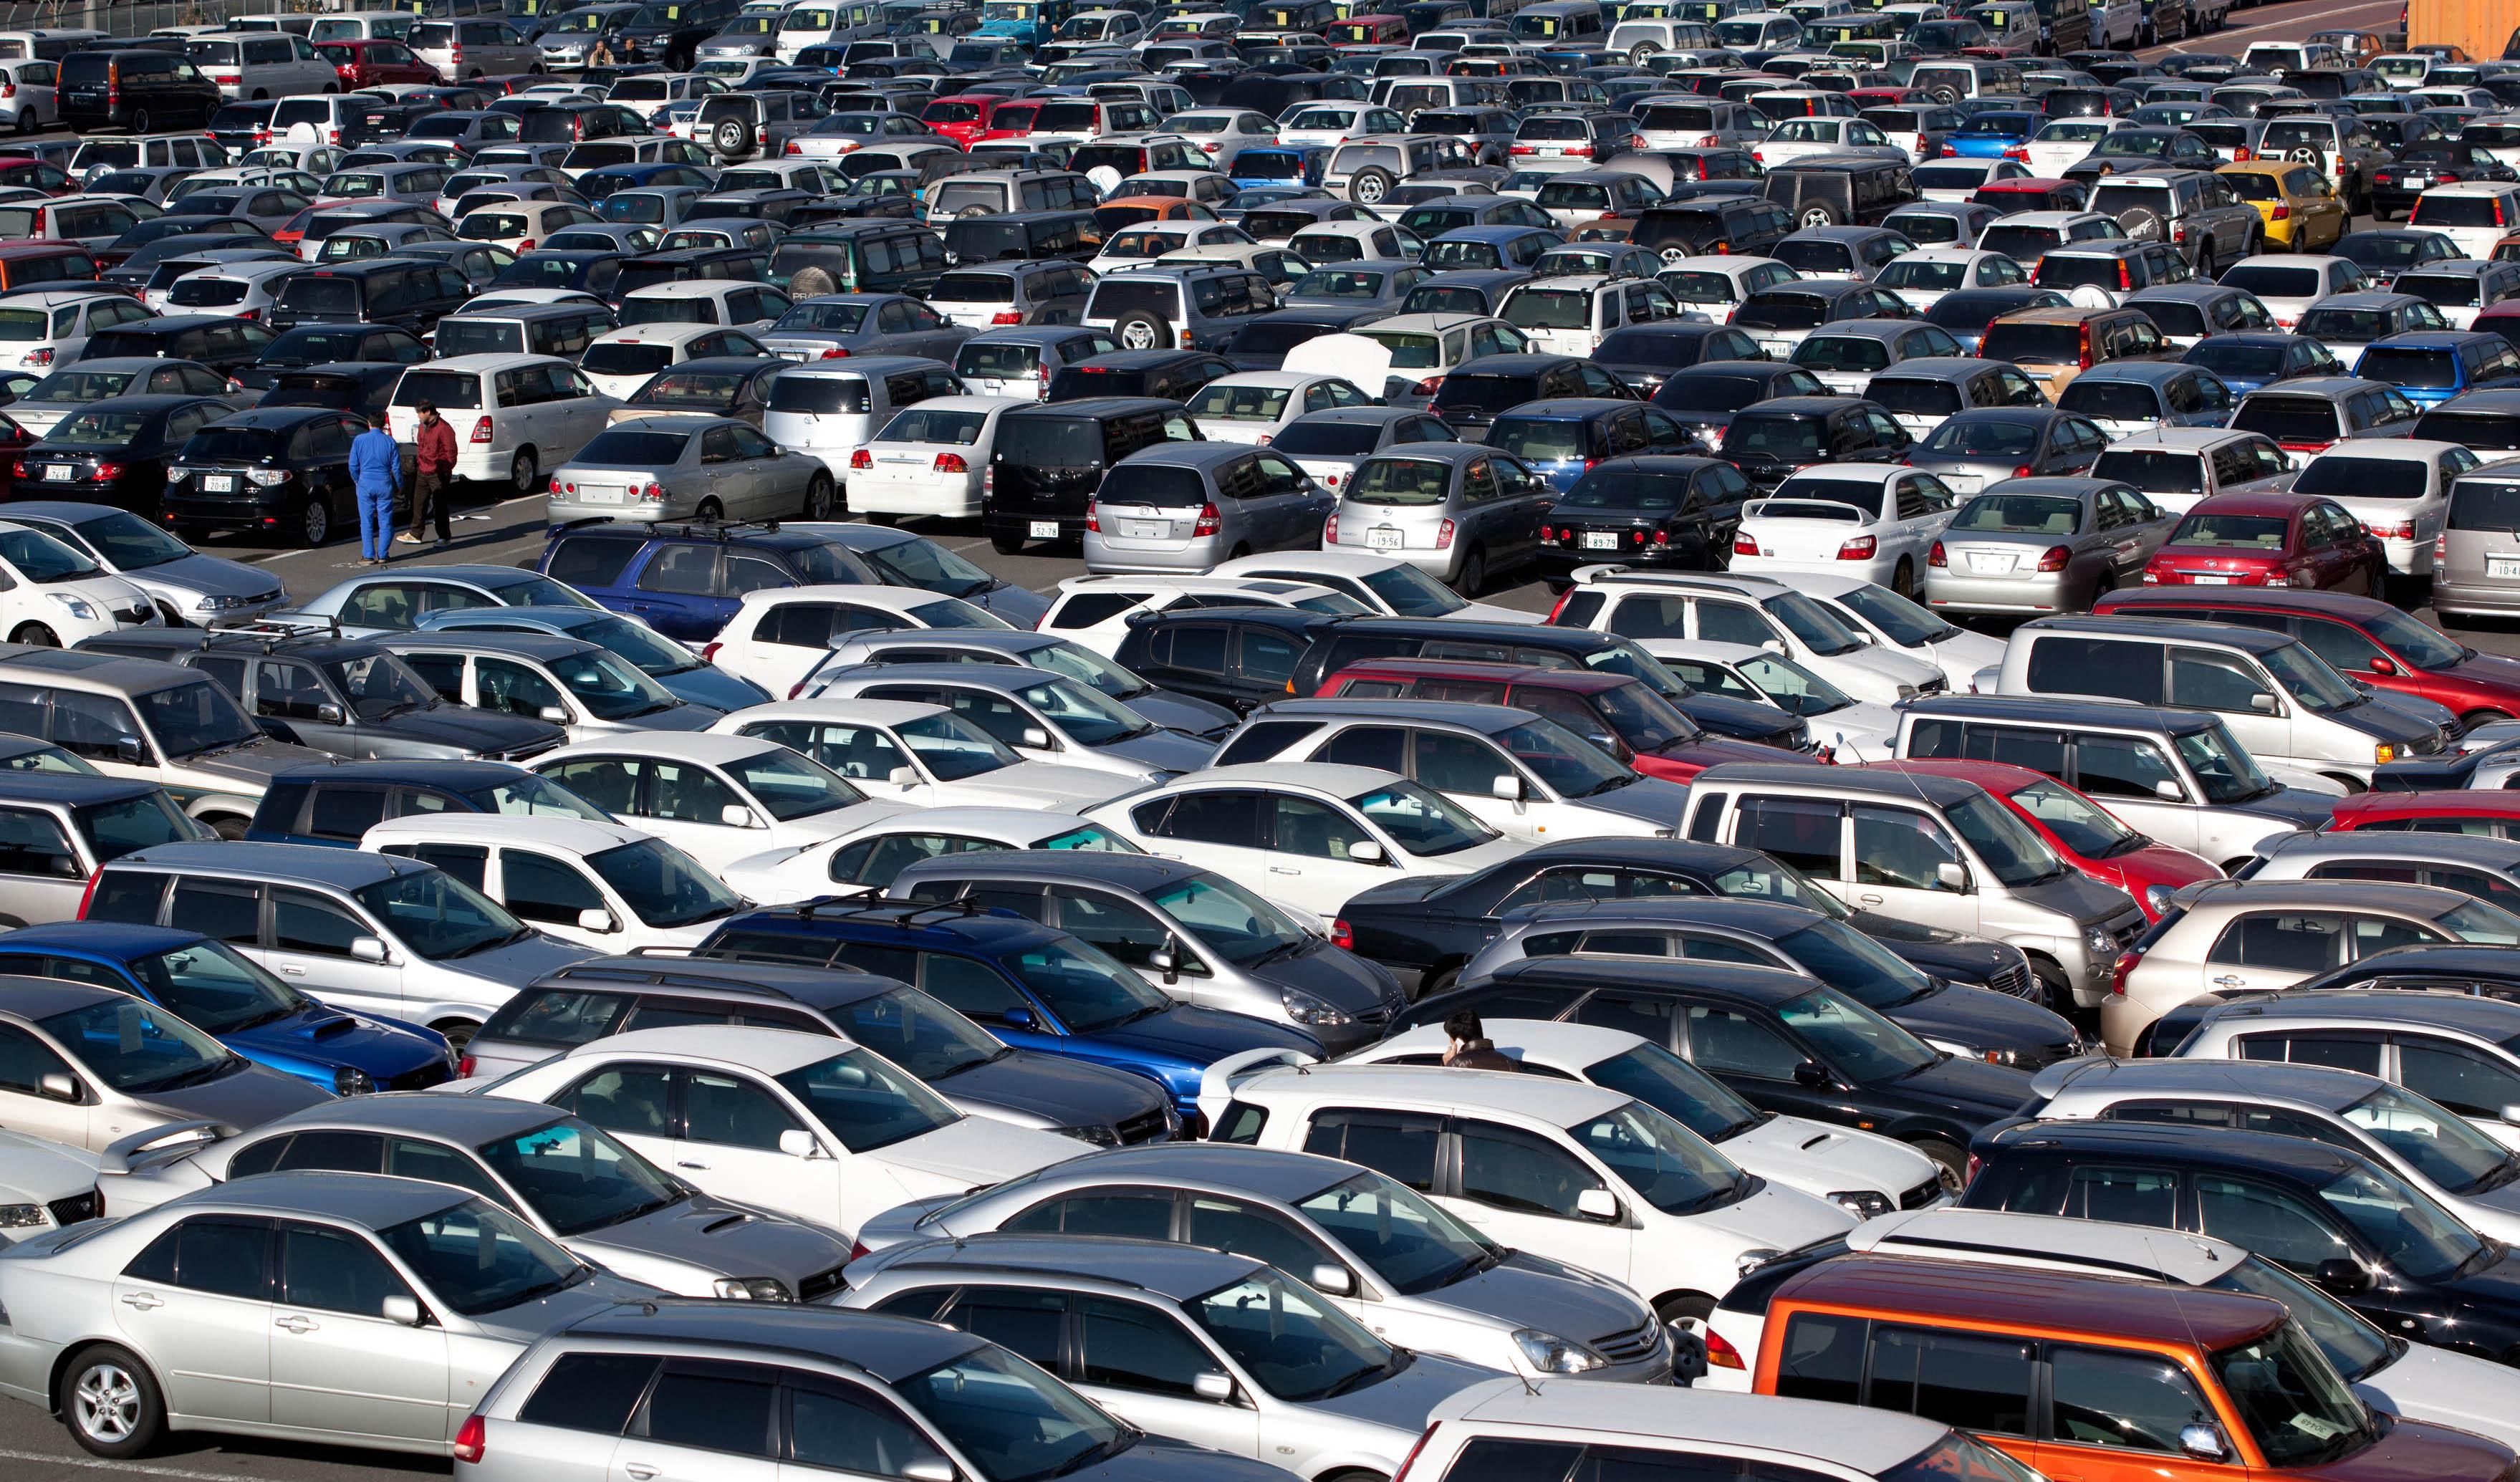 آیا قیمت گذاری خودرو منطقی است؟